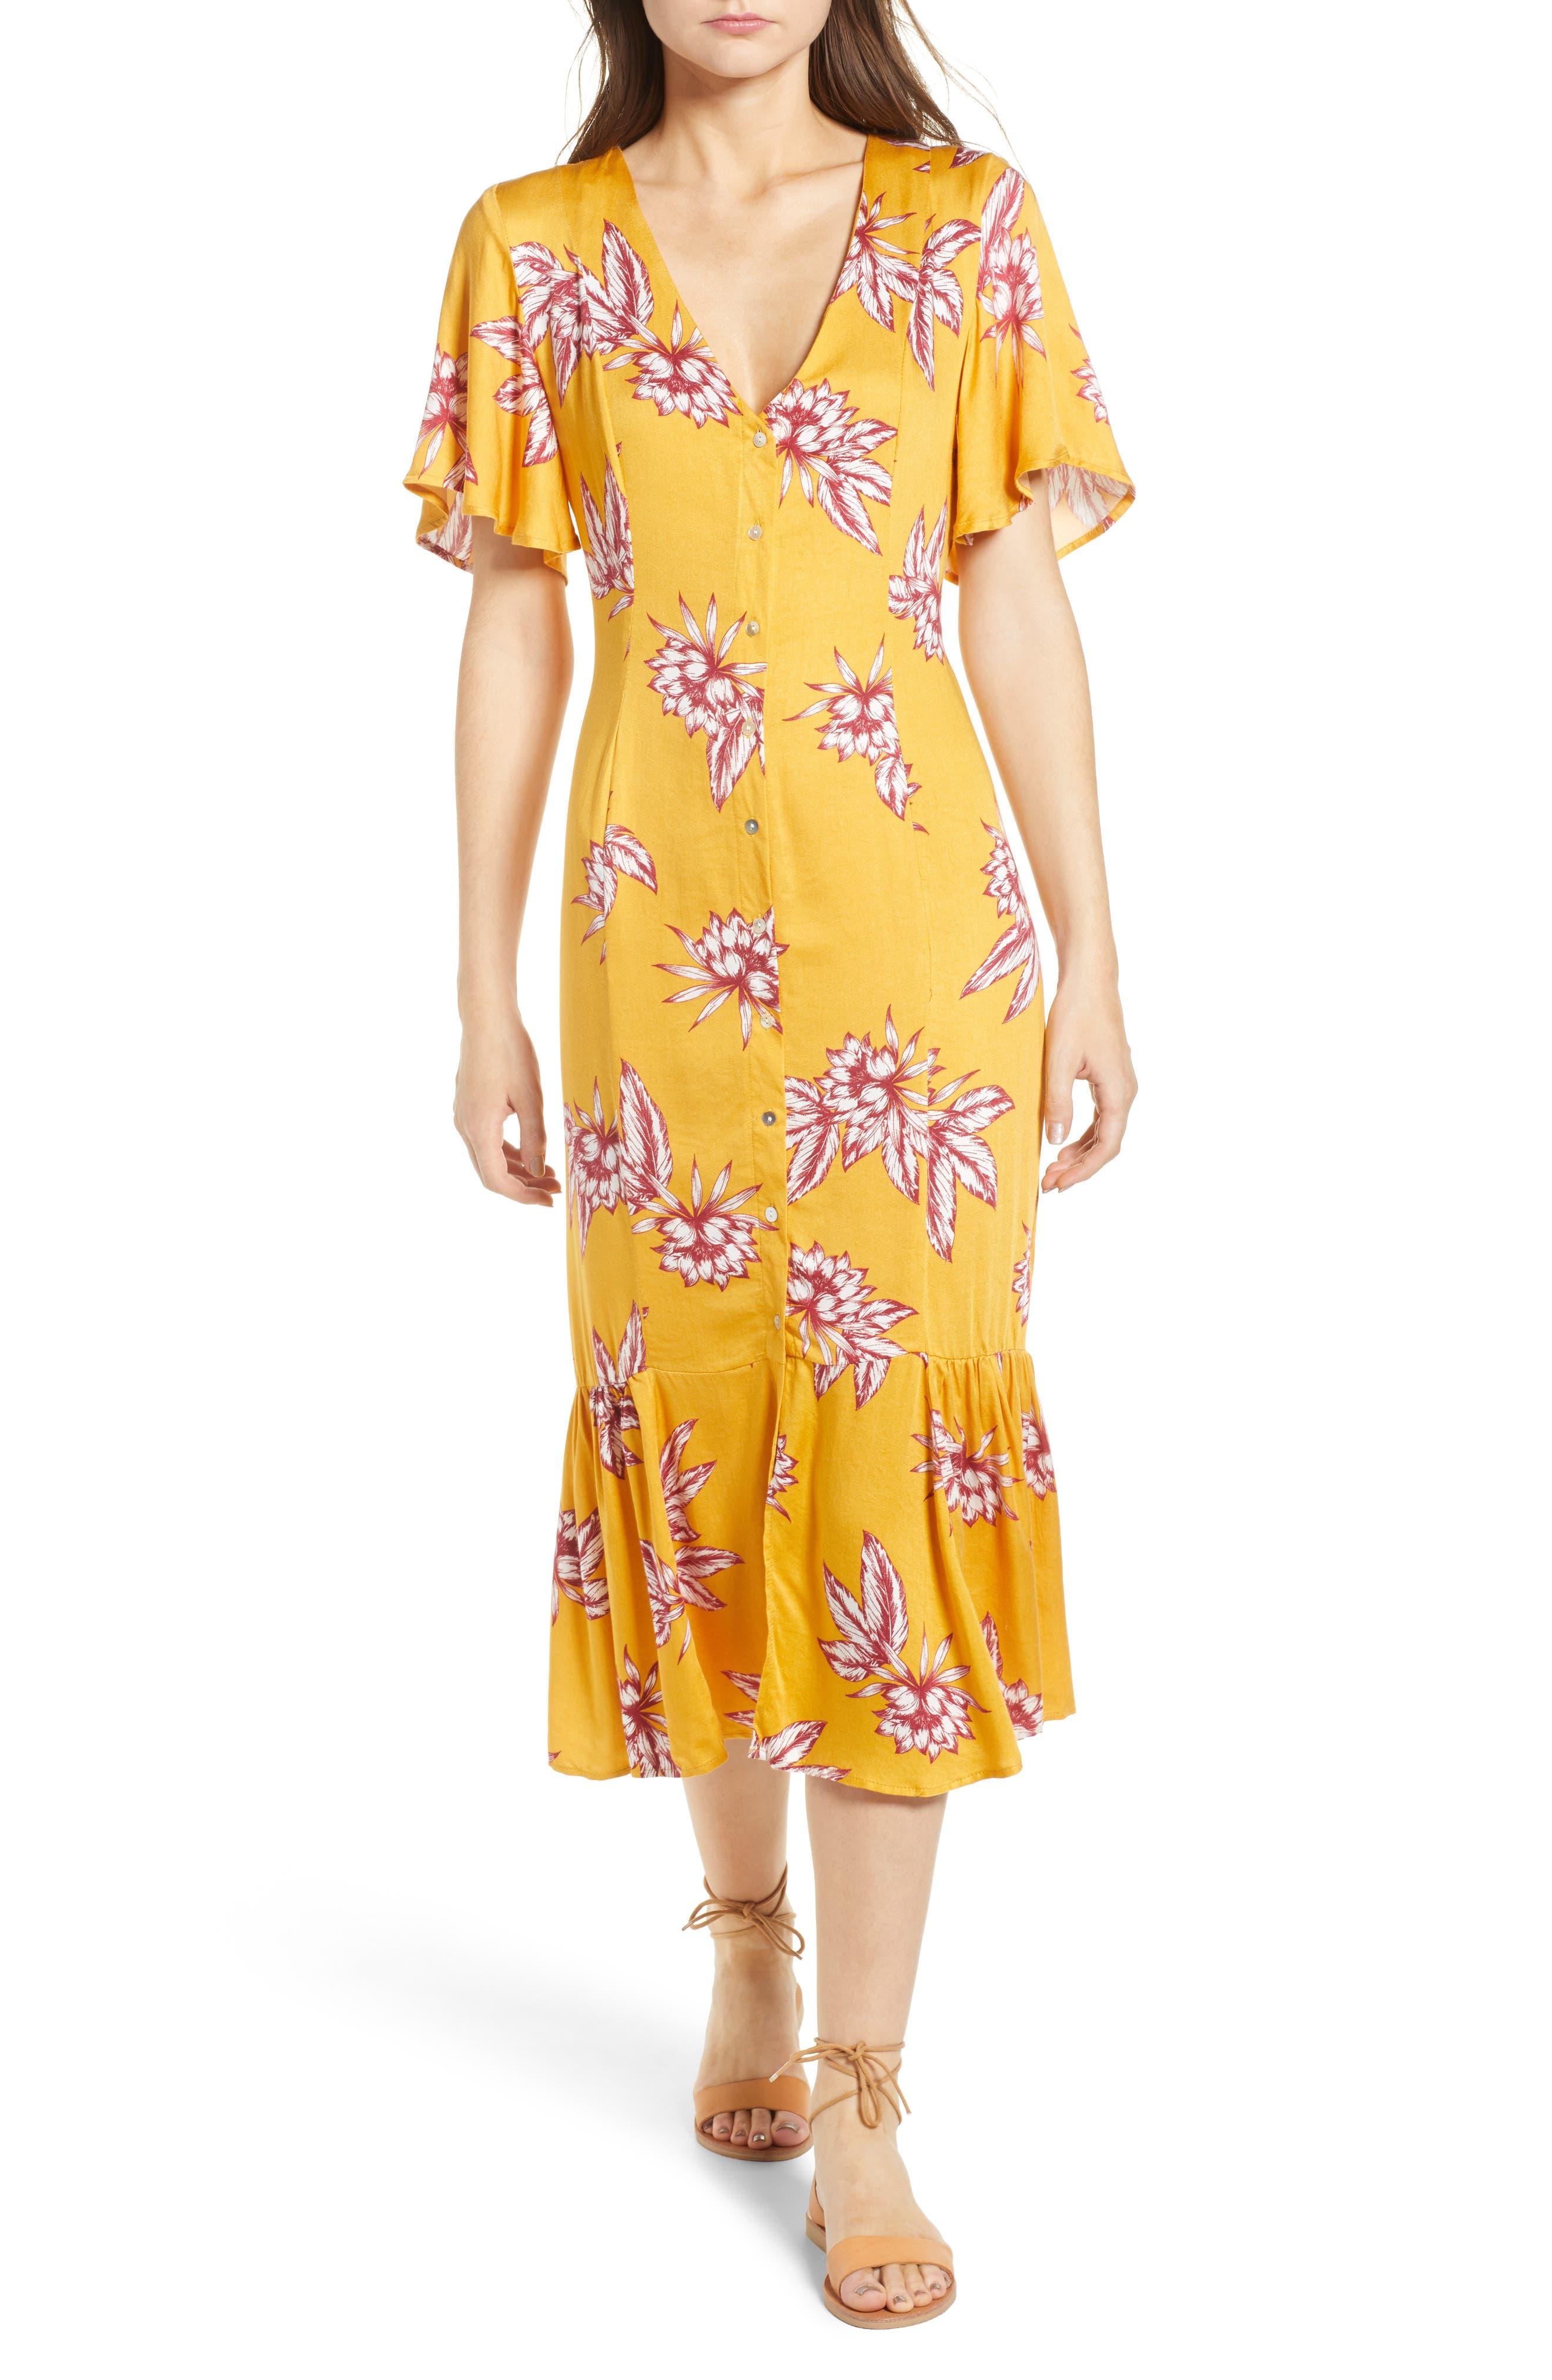 Searing Soul Midi Dress,                             Main thumbnail 1, color,                             Multi